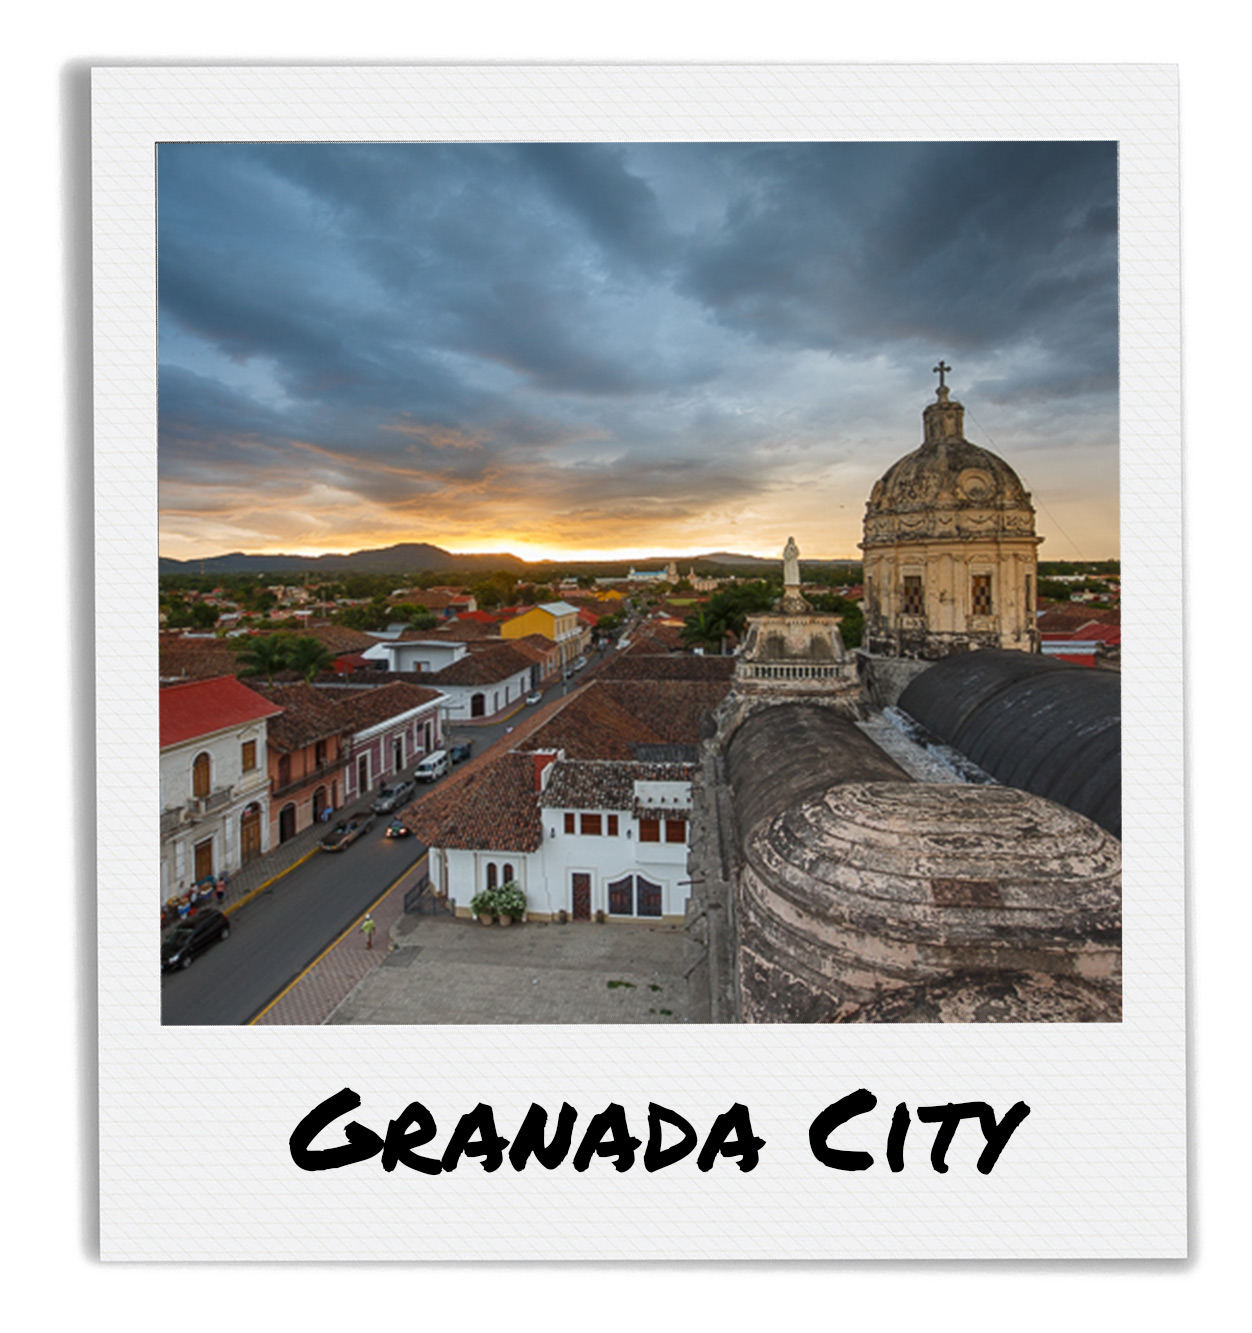 Grenada City Tour